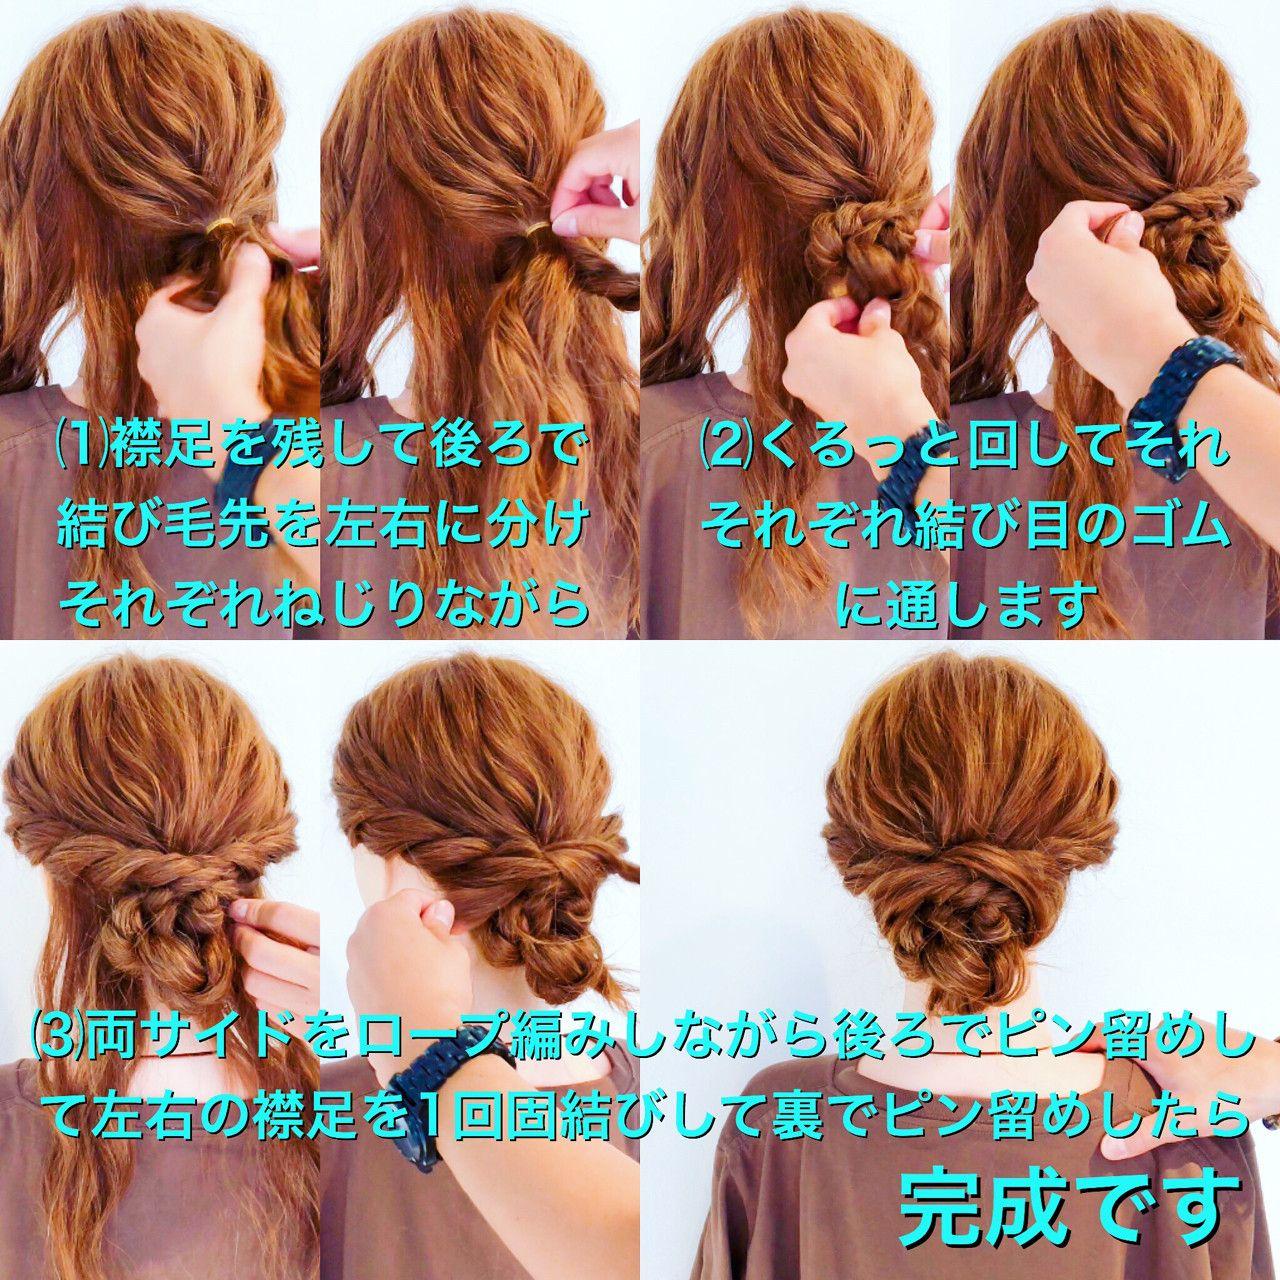 上品 結婚式 大人かわいい 簡単ヘアアレンジ Amoute アムティ 美容師hiro Amoute代表 403001 Hair 2020 簡単 ヘア